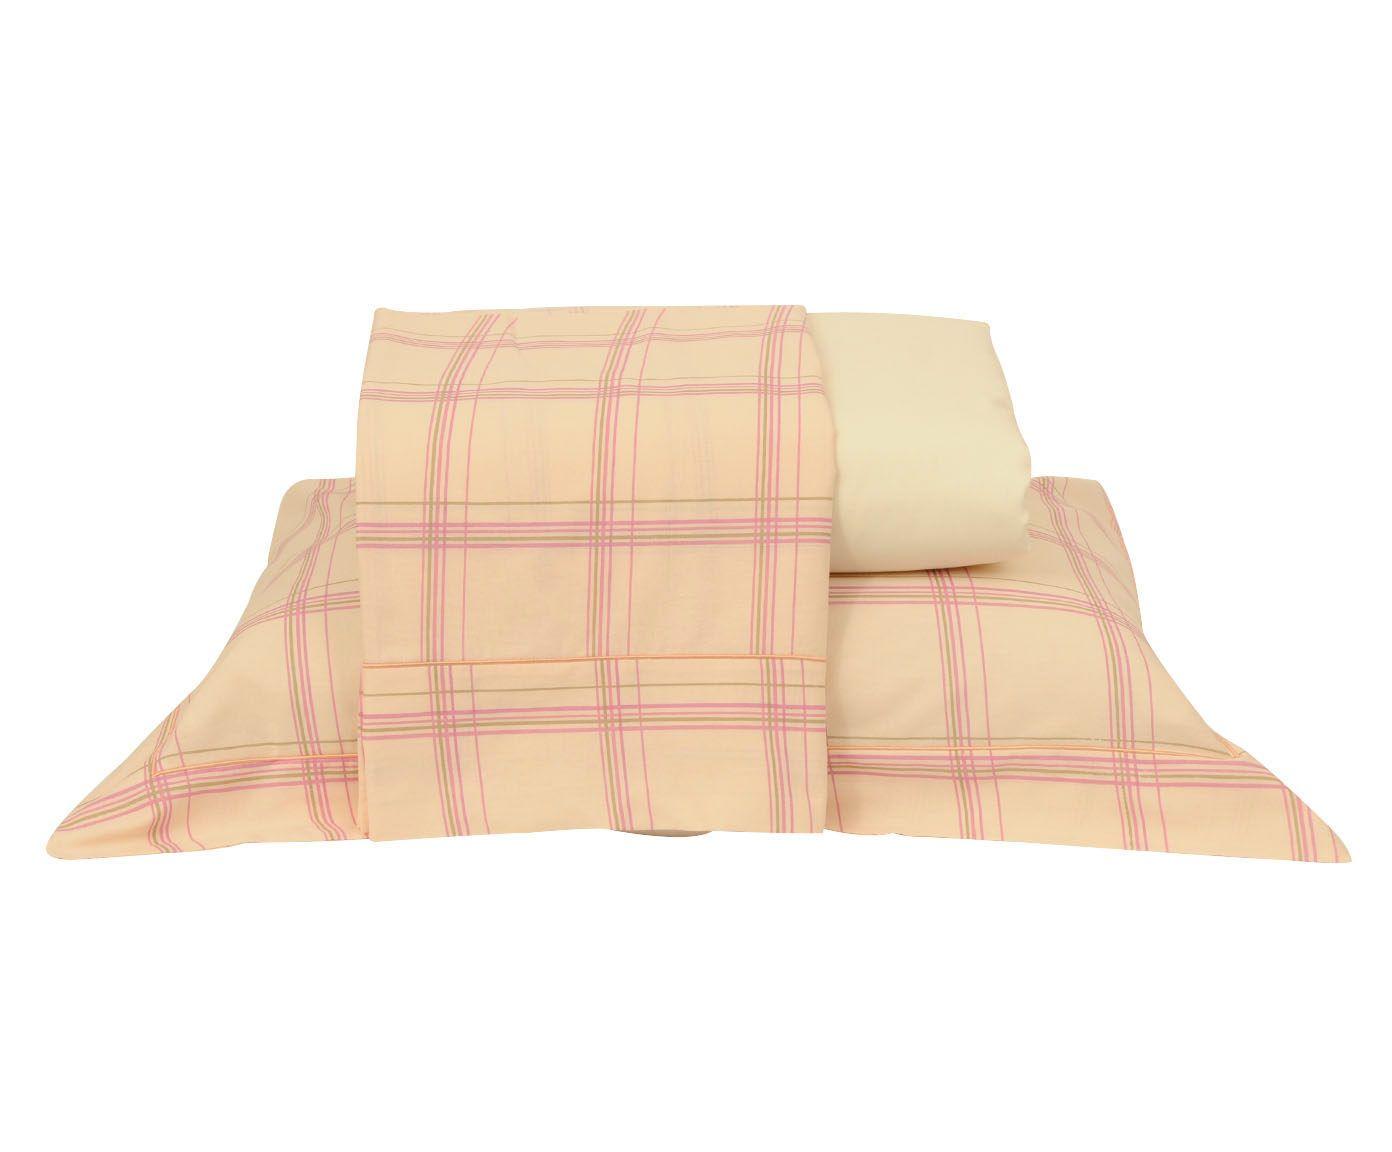 Jogo de lençol versatt p/ cama de solteiro 150 fios - effect   Westwing.com.br